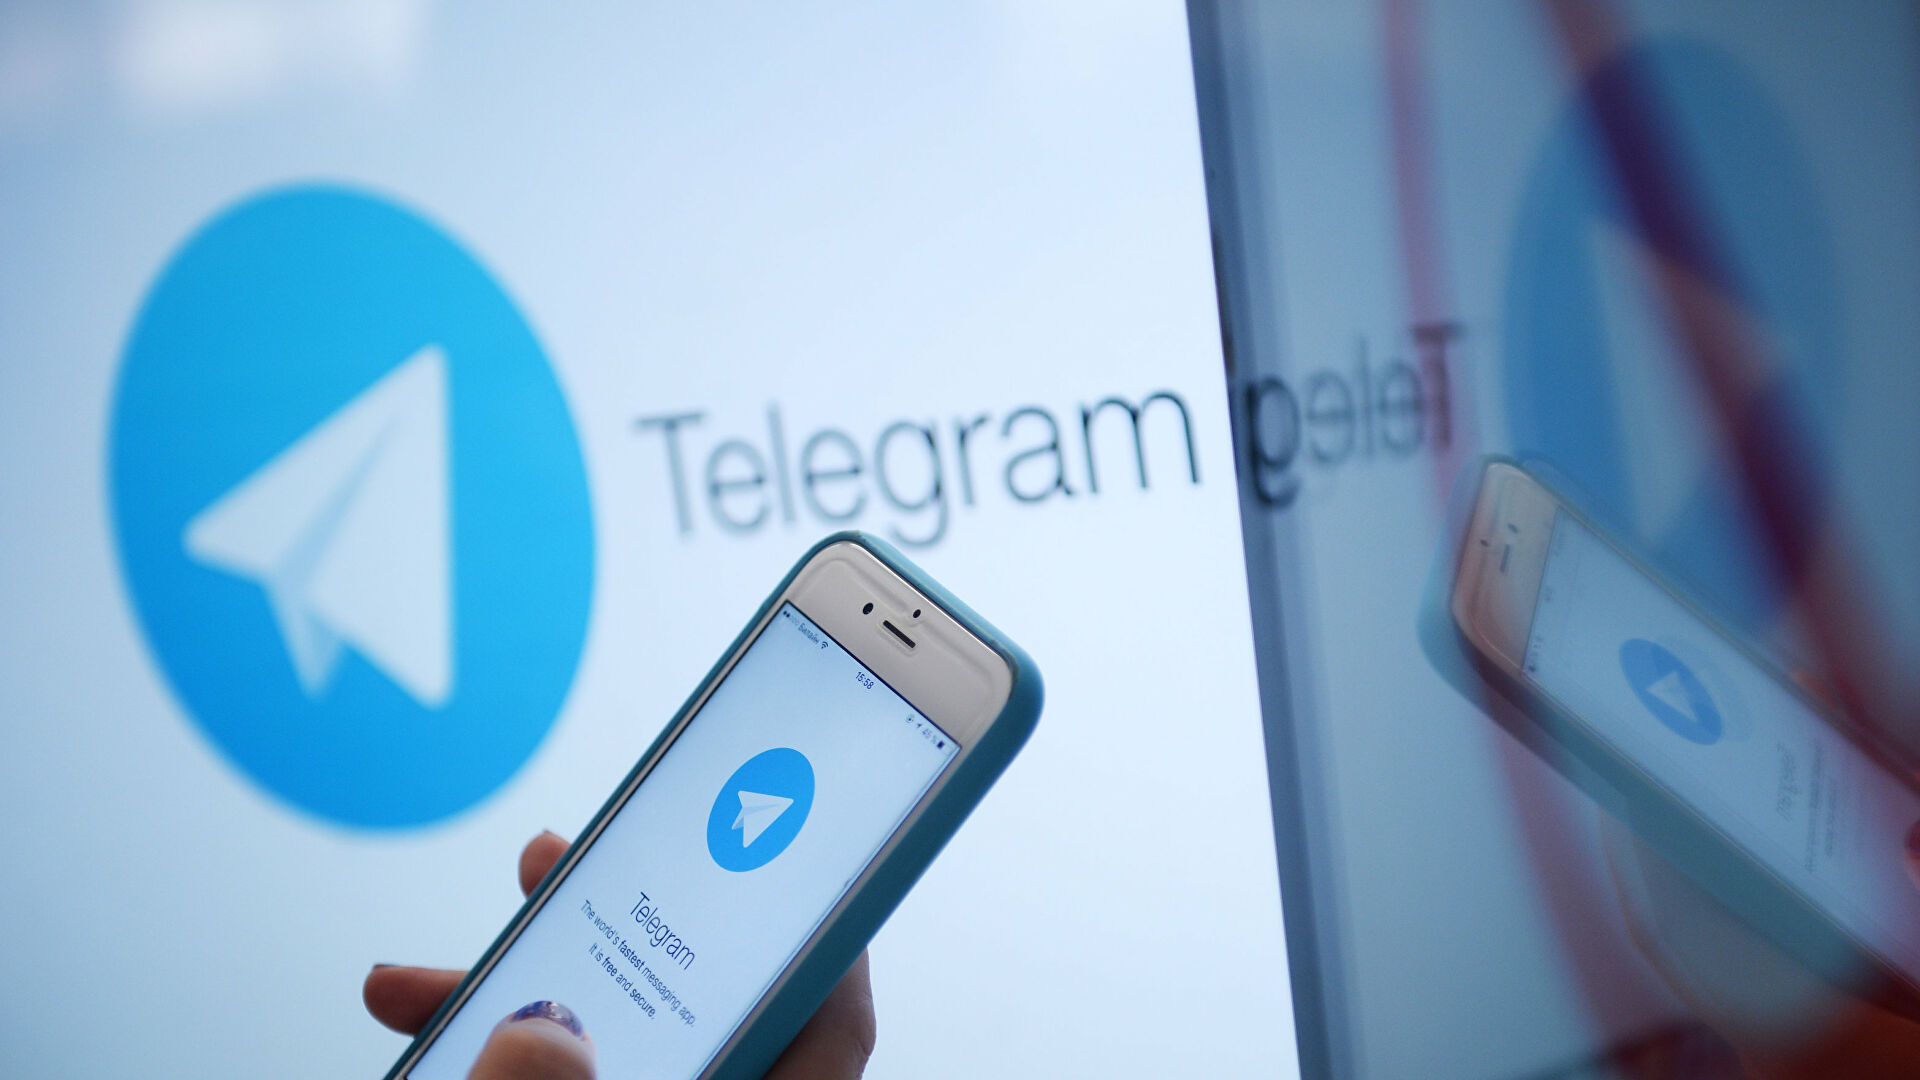 Оснивач Телеграма: Месинџер у јануару постао најмасовније преузимана мобилна апликација на свету